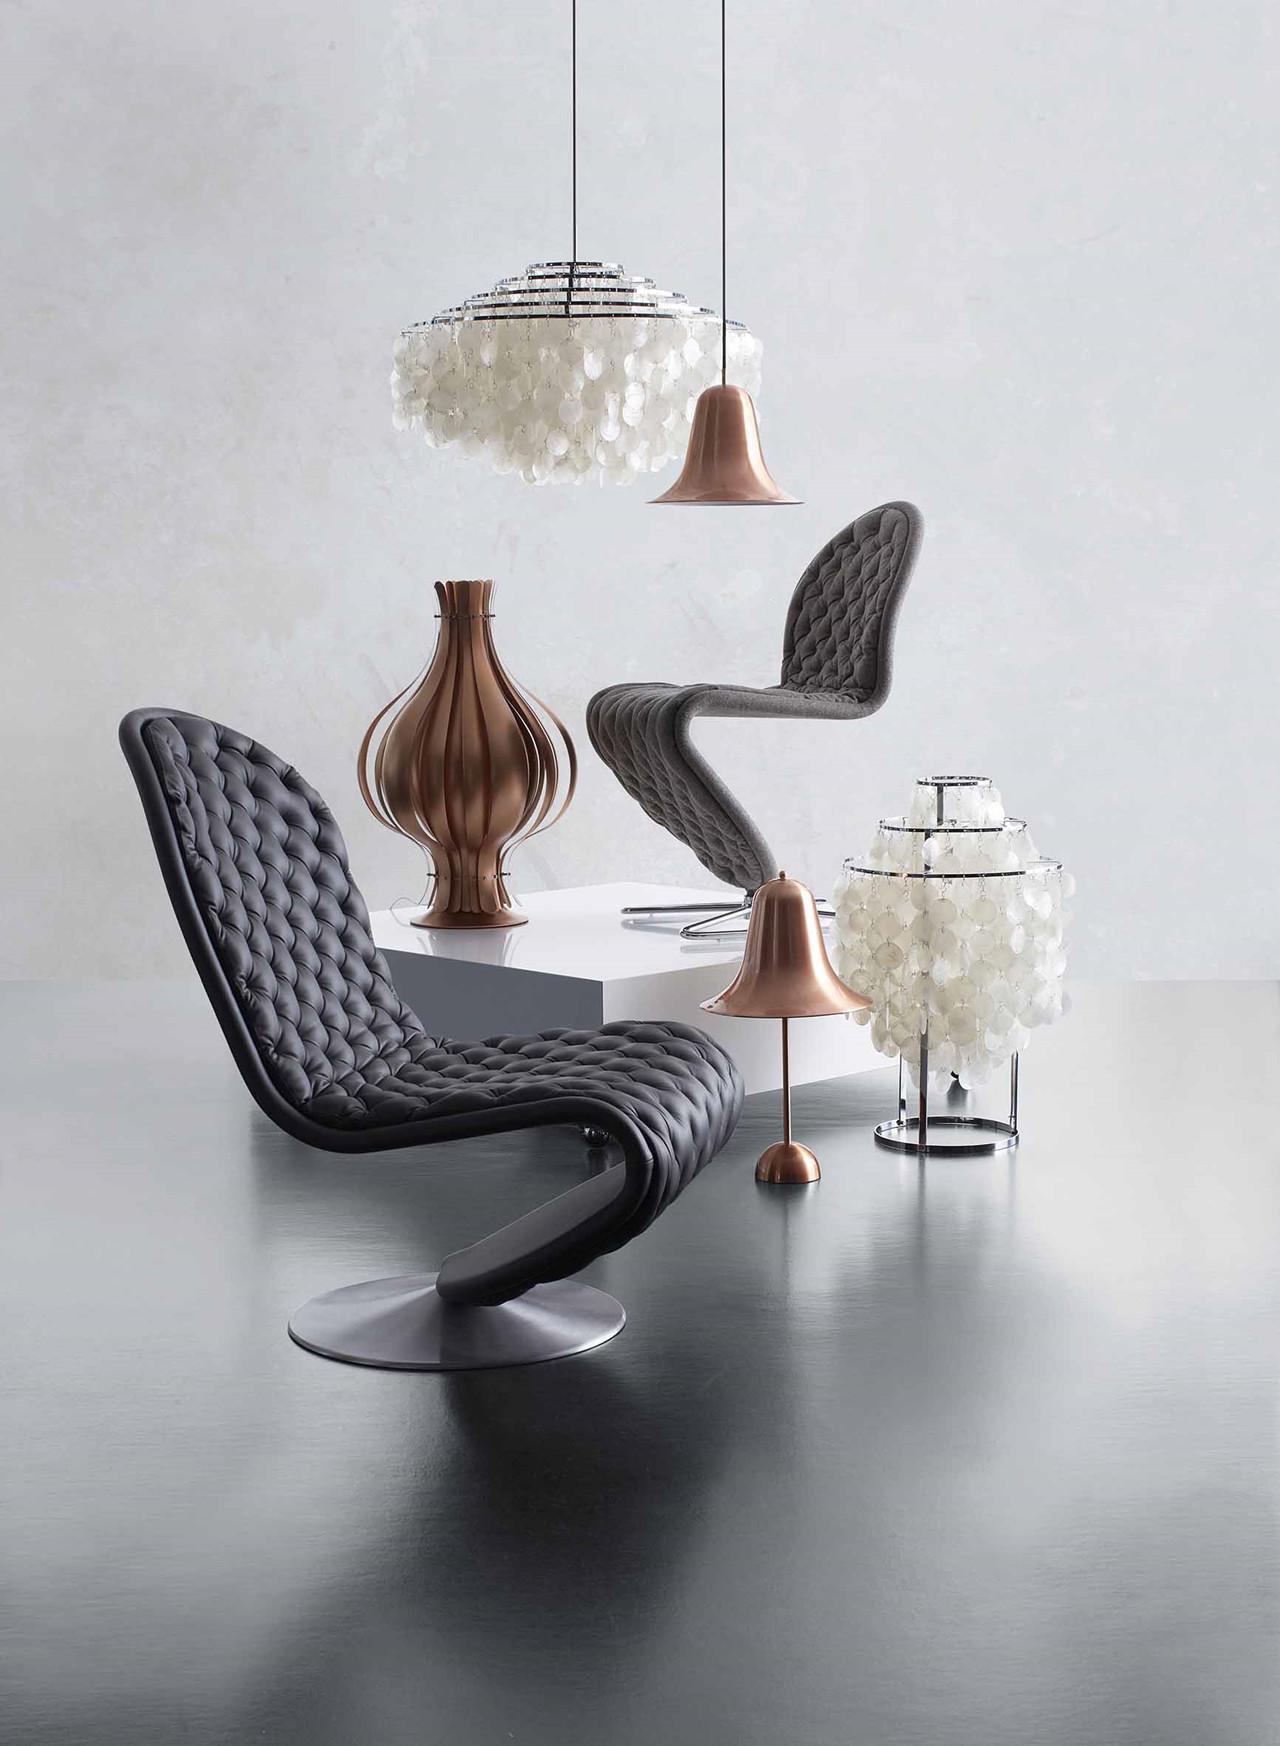 Flot Pantop bordlampe | Køb bordlampen fra Verpan her DF-09